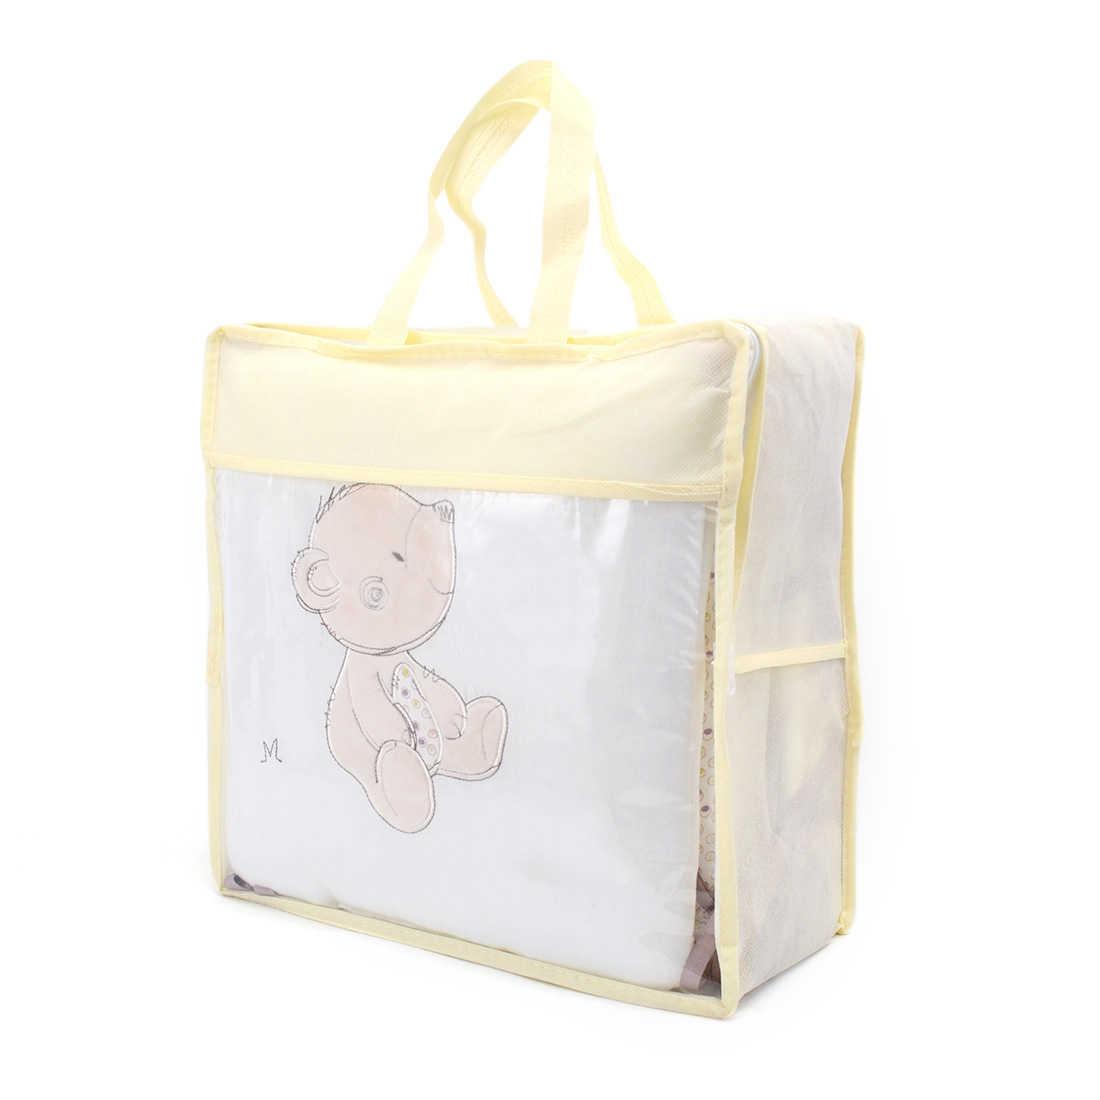 6 יח'\חבילה יילוד עריסה פגוש תינוק מיטת פגוש מגן פעוט עריסת קריקטורה מצעים פגוש בעריסה עבור תינוקות תינוק